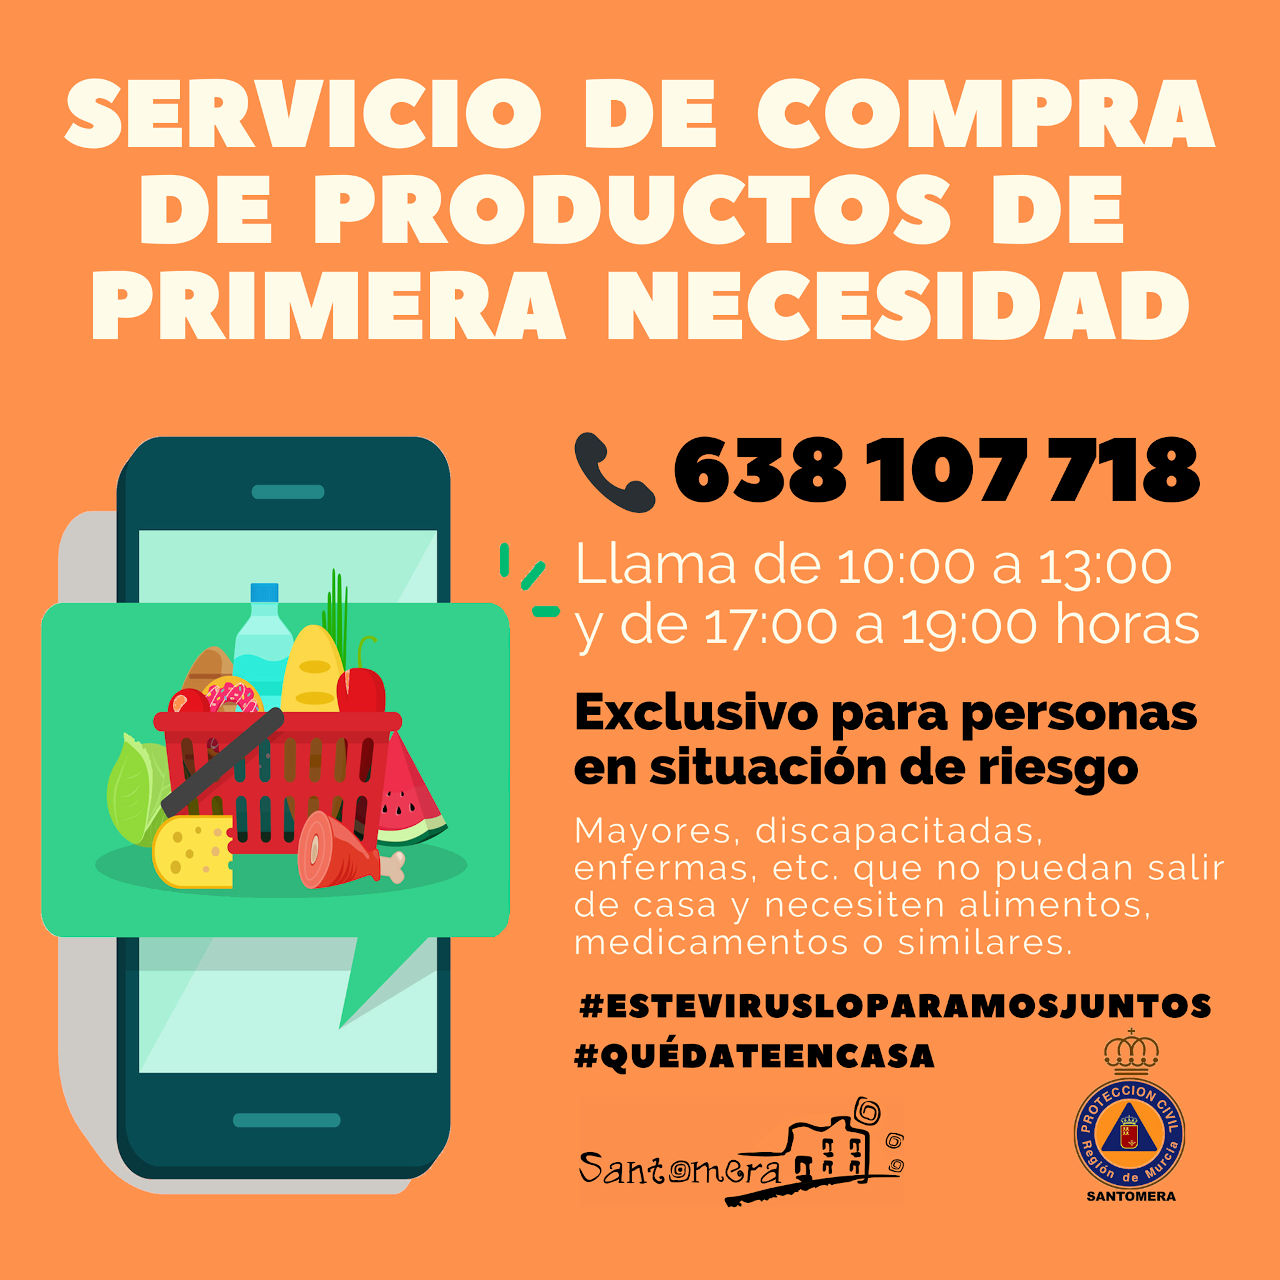 20200318_Servicio de compra a domicilio